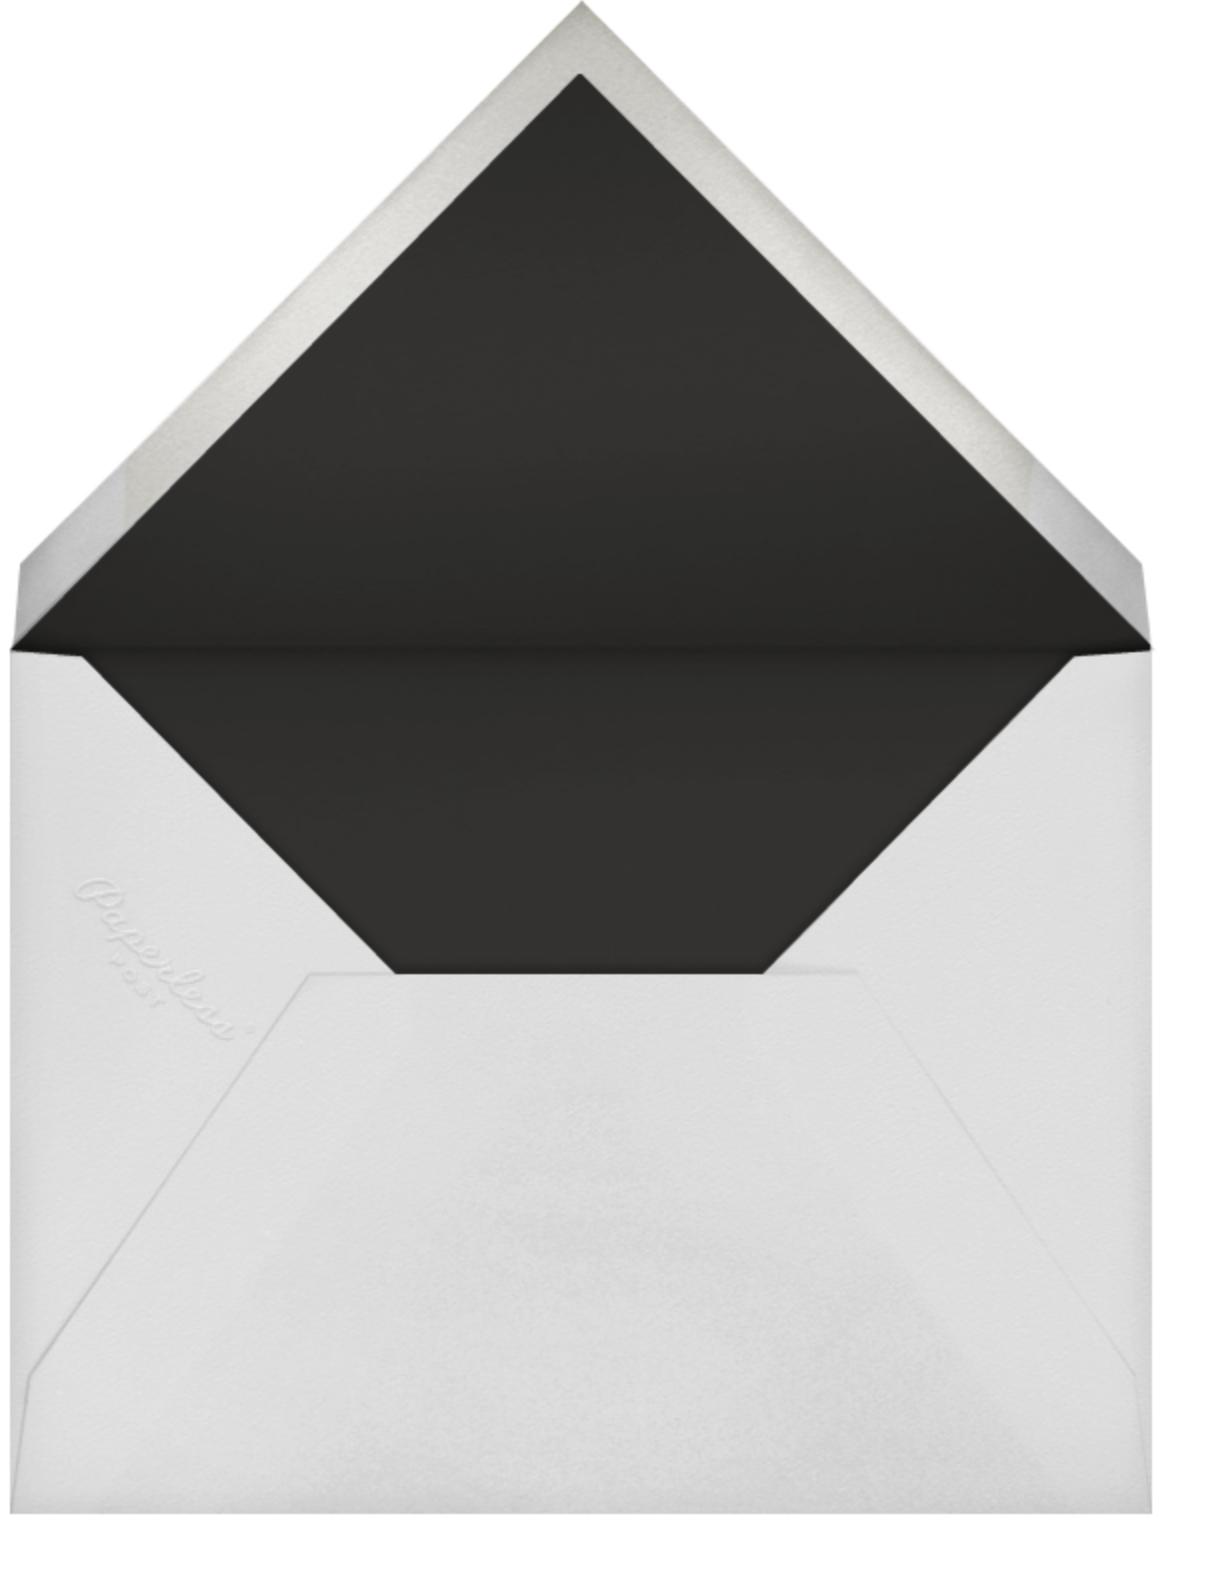 Floral Trellis II (Stationery) - Silver - Oscar de la Renta - Envelope